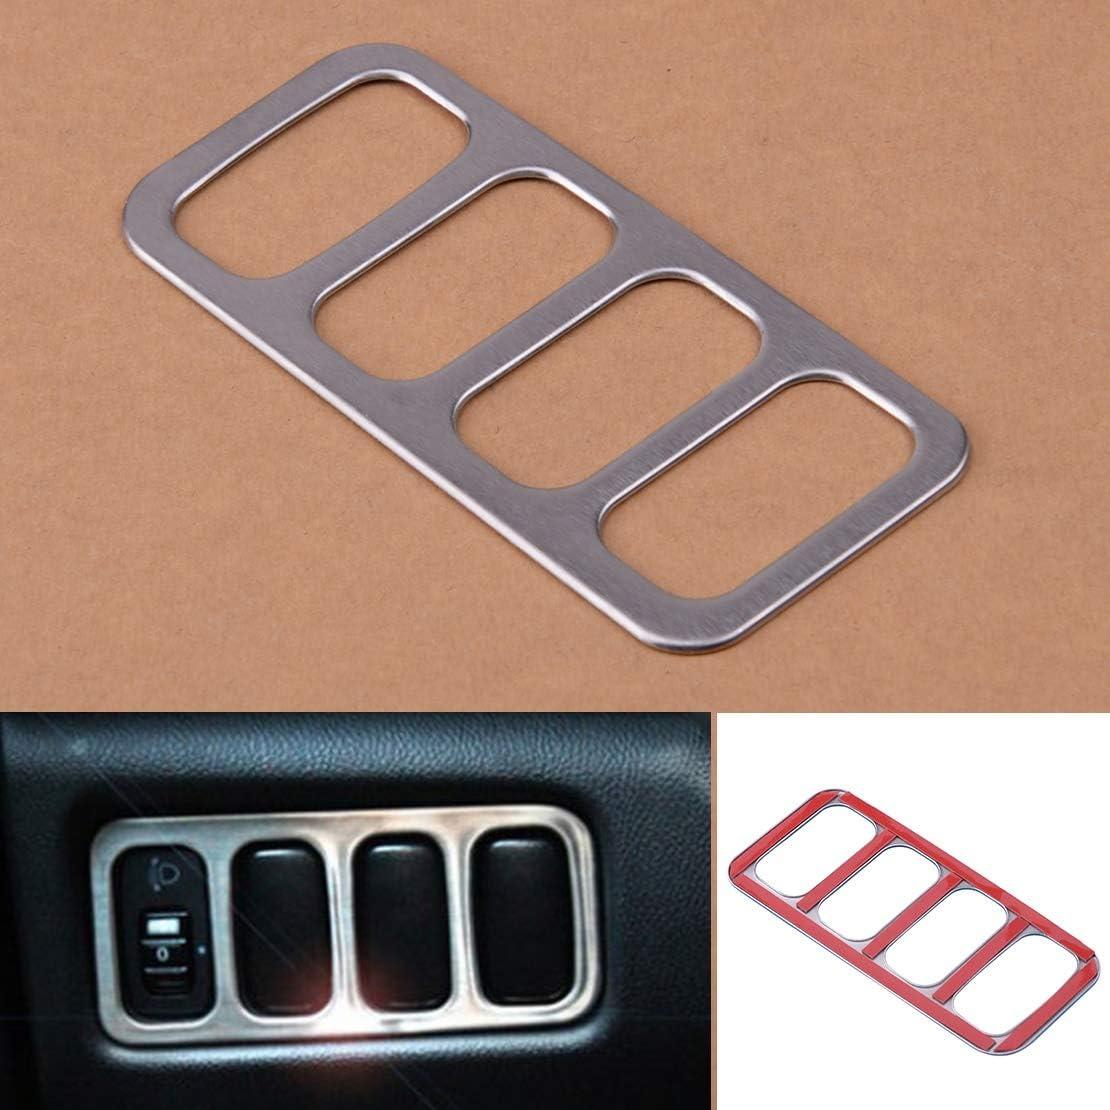 Kopf-Licht-Lampen-Schalter Button Panel Abdeckung Trim Garnieren gepasst for Mitsubishi ASX Outlander Sport RVR 2011 2012 2013 2014-2017 NO LOGO LLB-Nuts